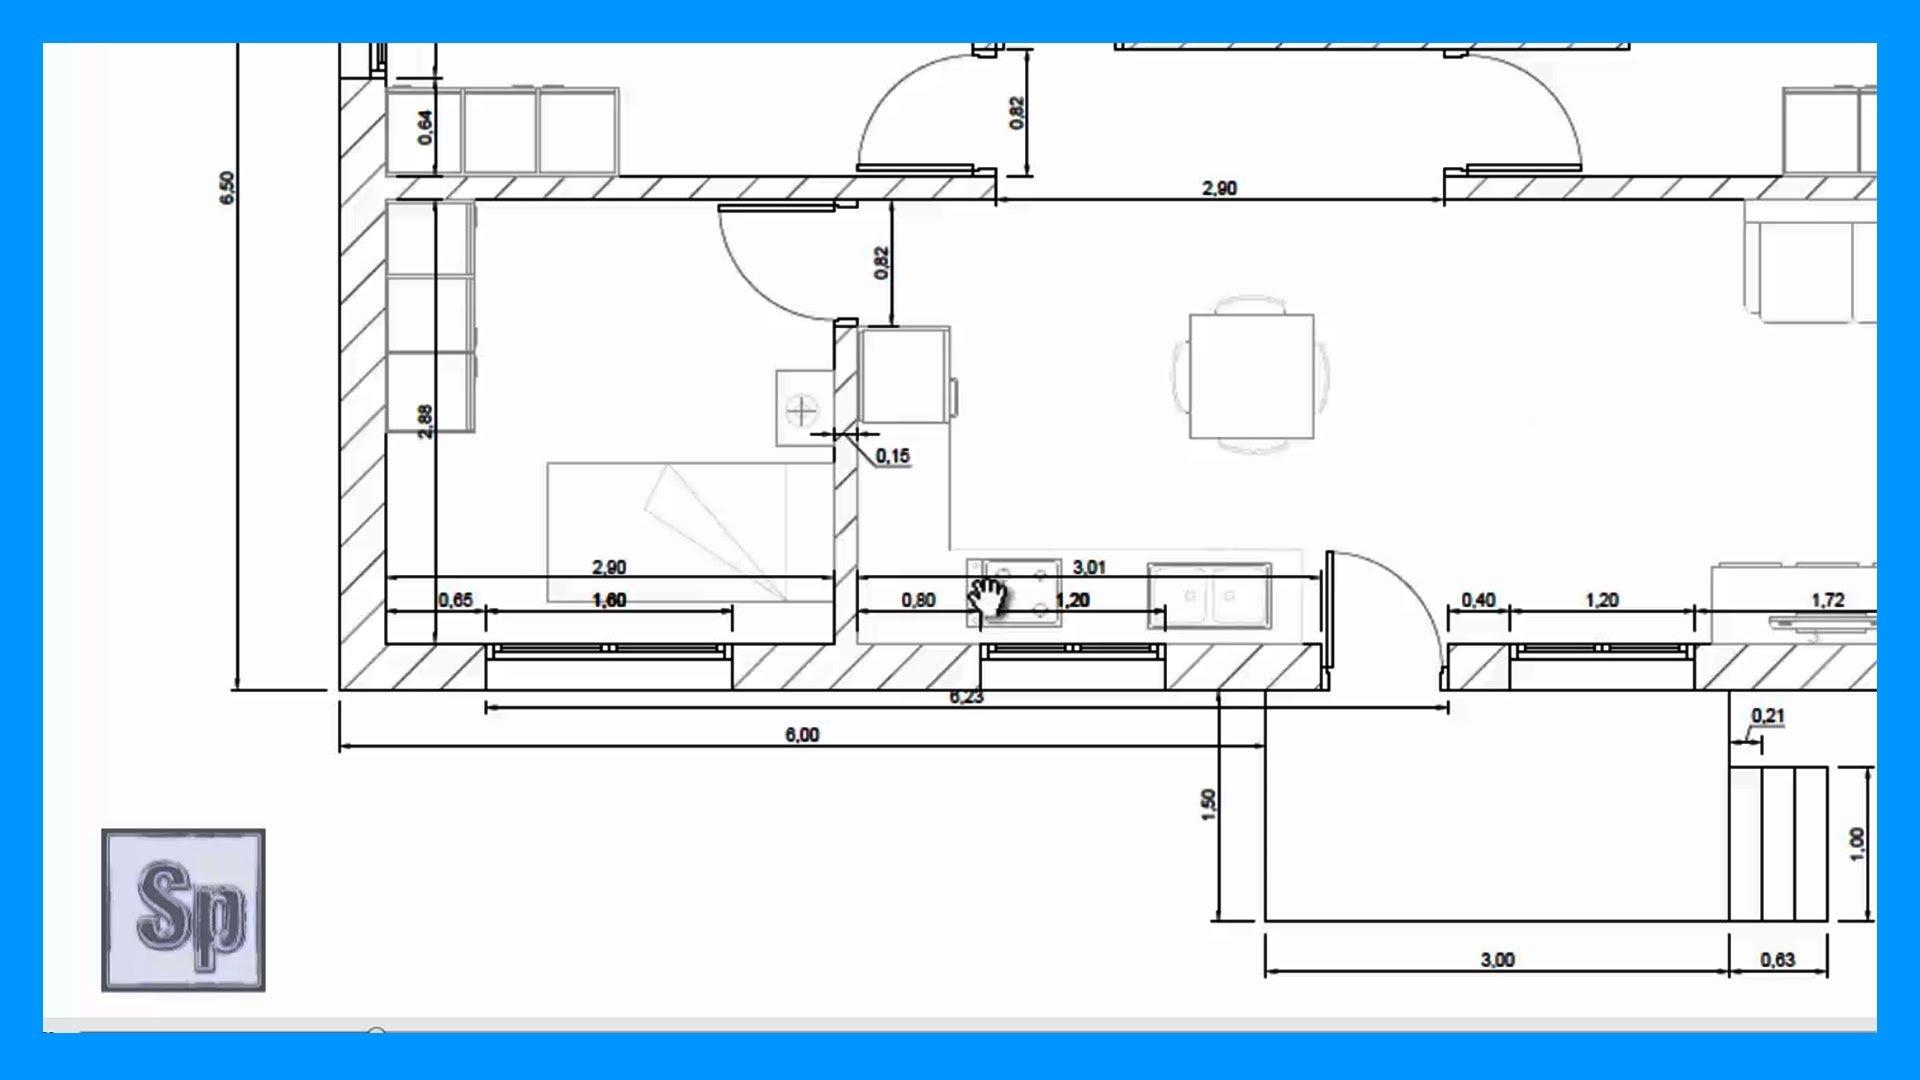 Autocad 1 2 dibujar plano de una casa de una planta en for Programa para distribuir una casa